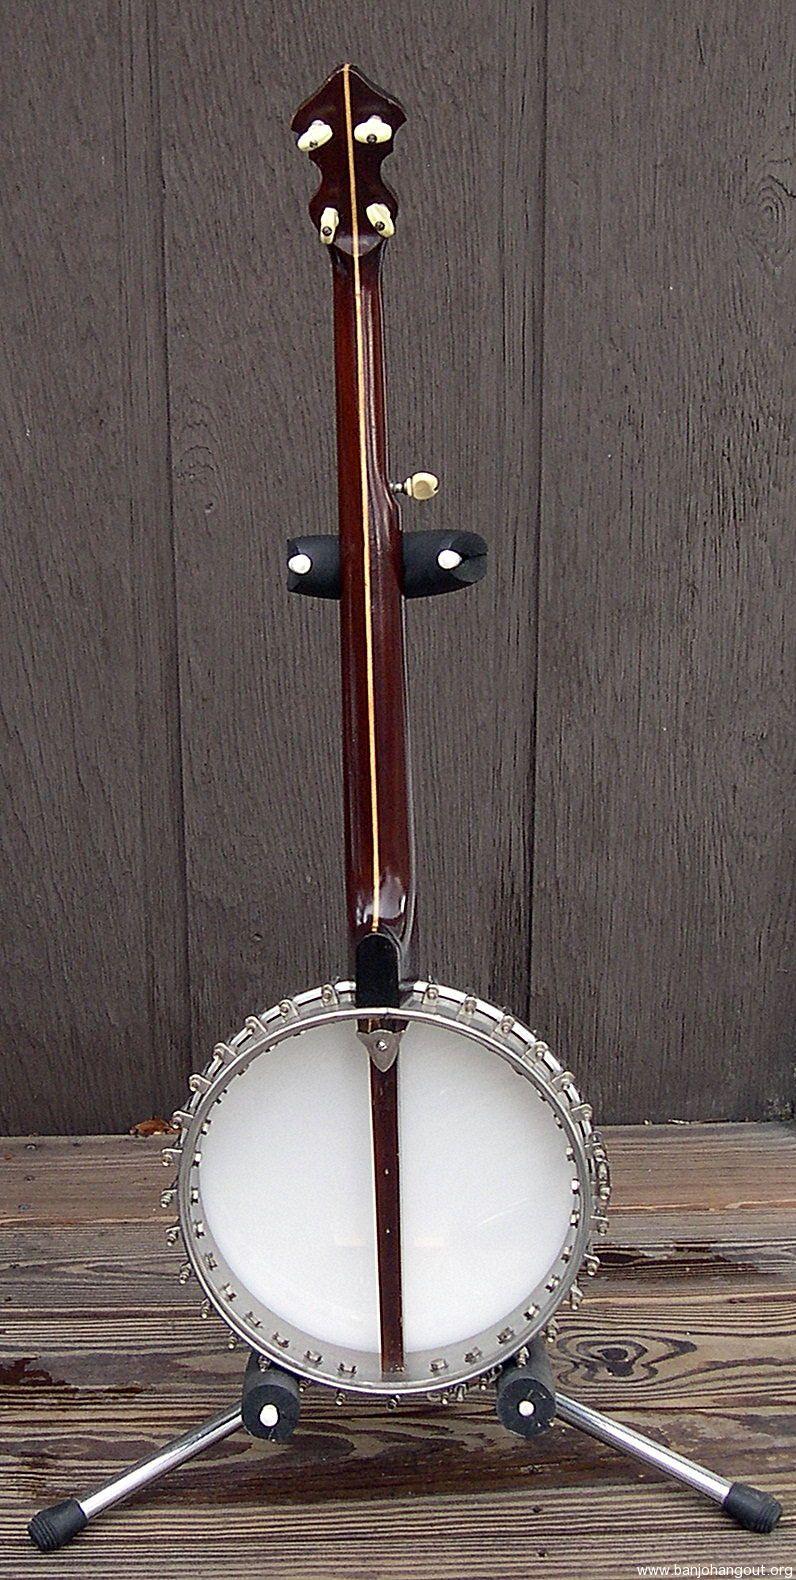 wurlitzer gretsch vintage original 5 string banjo used banjo for sale at. Black Bedroom Furniture Sets. Home Design Ideas